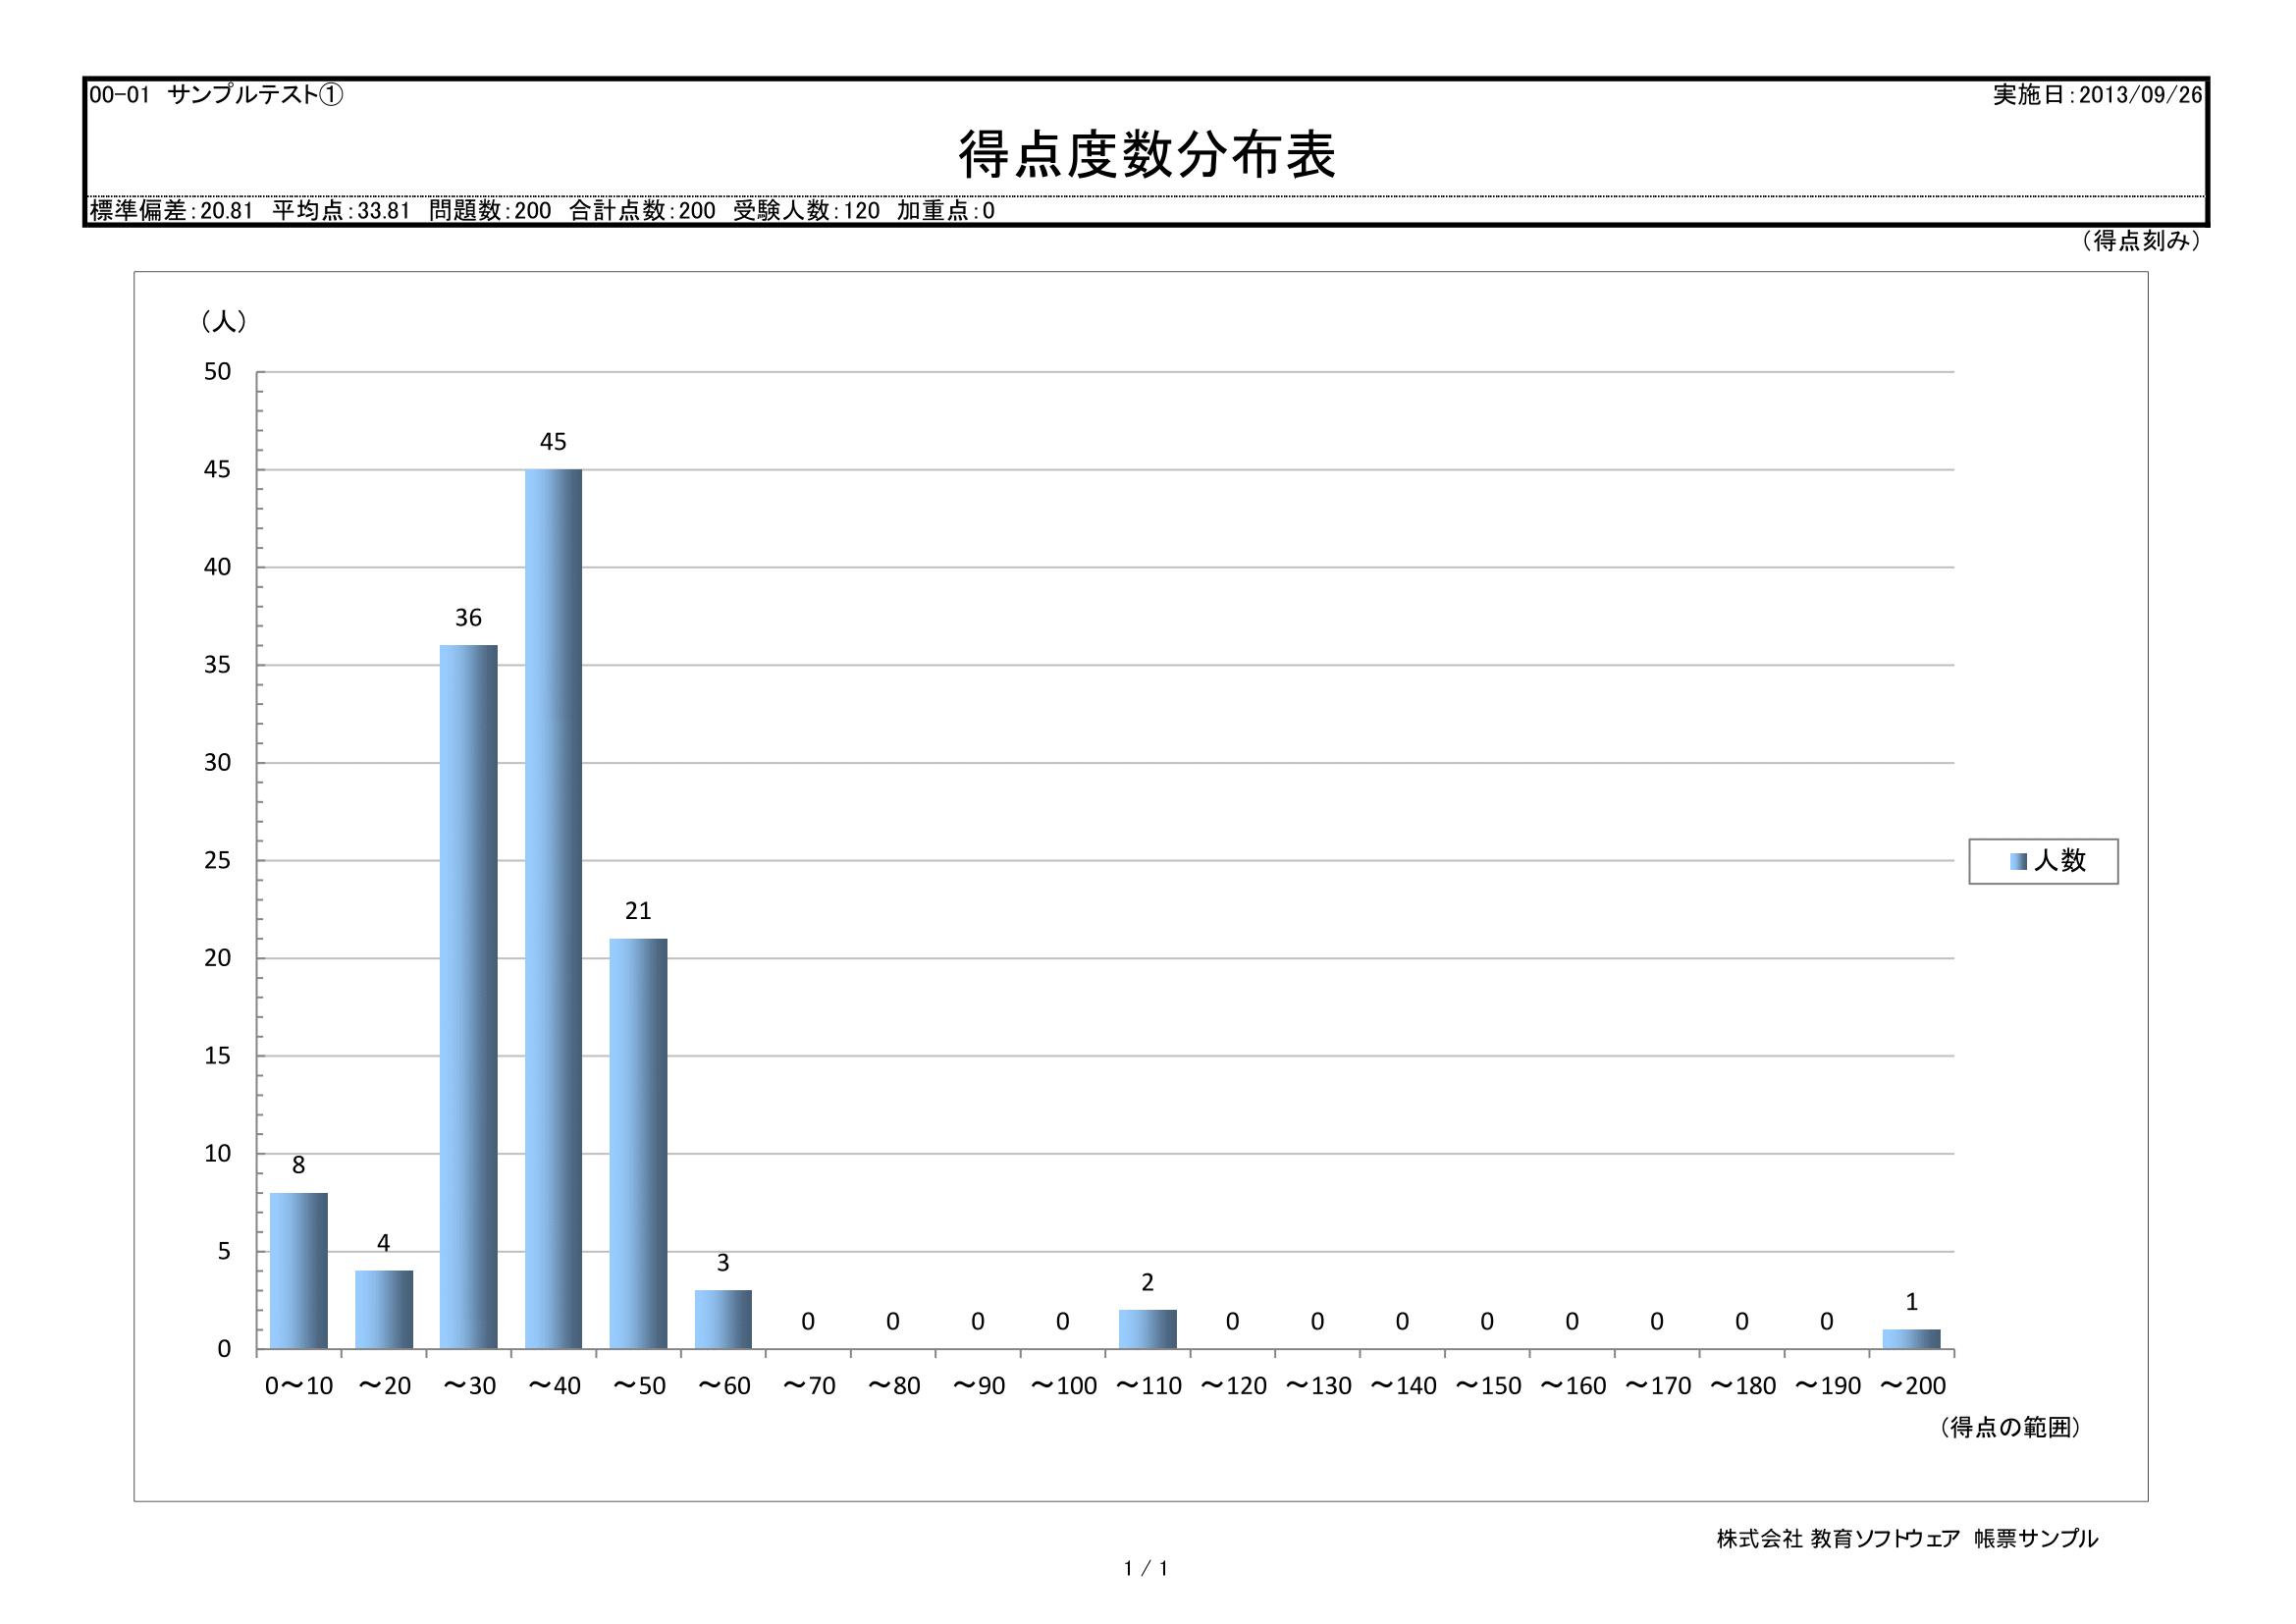 採点ソフト帳票サンプル-得点度数分布表